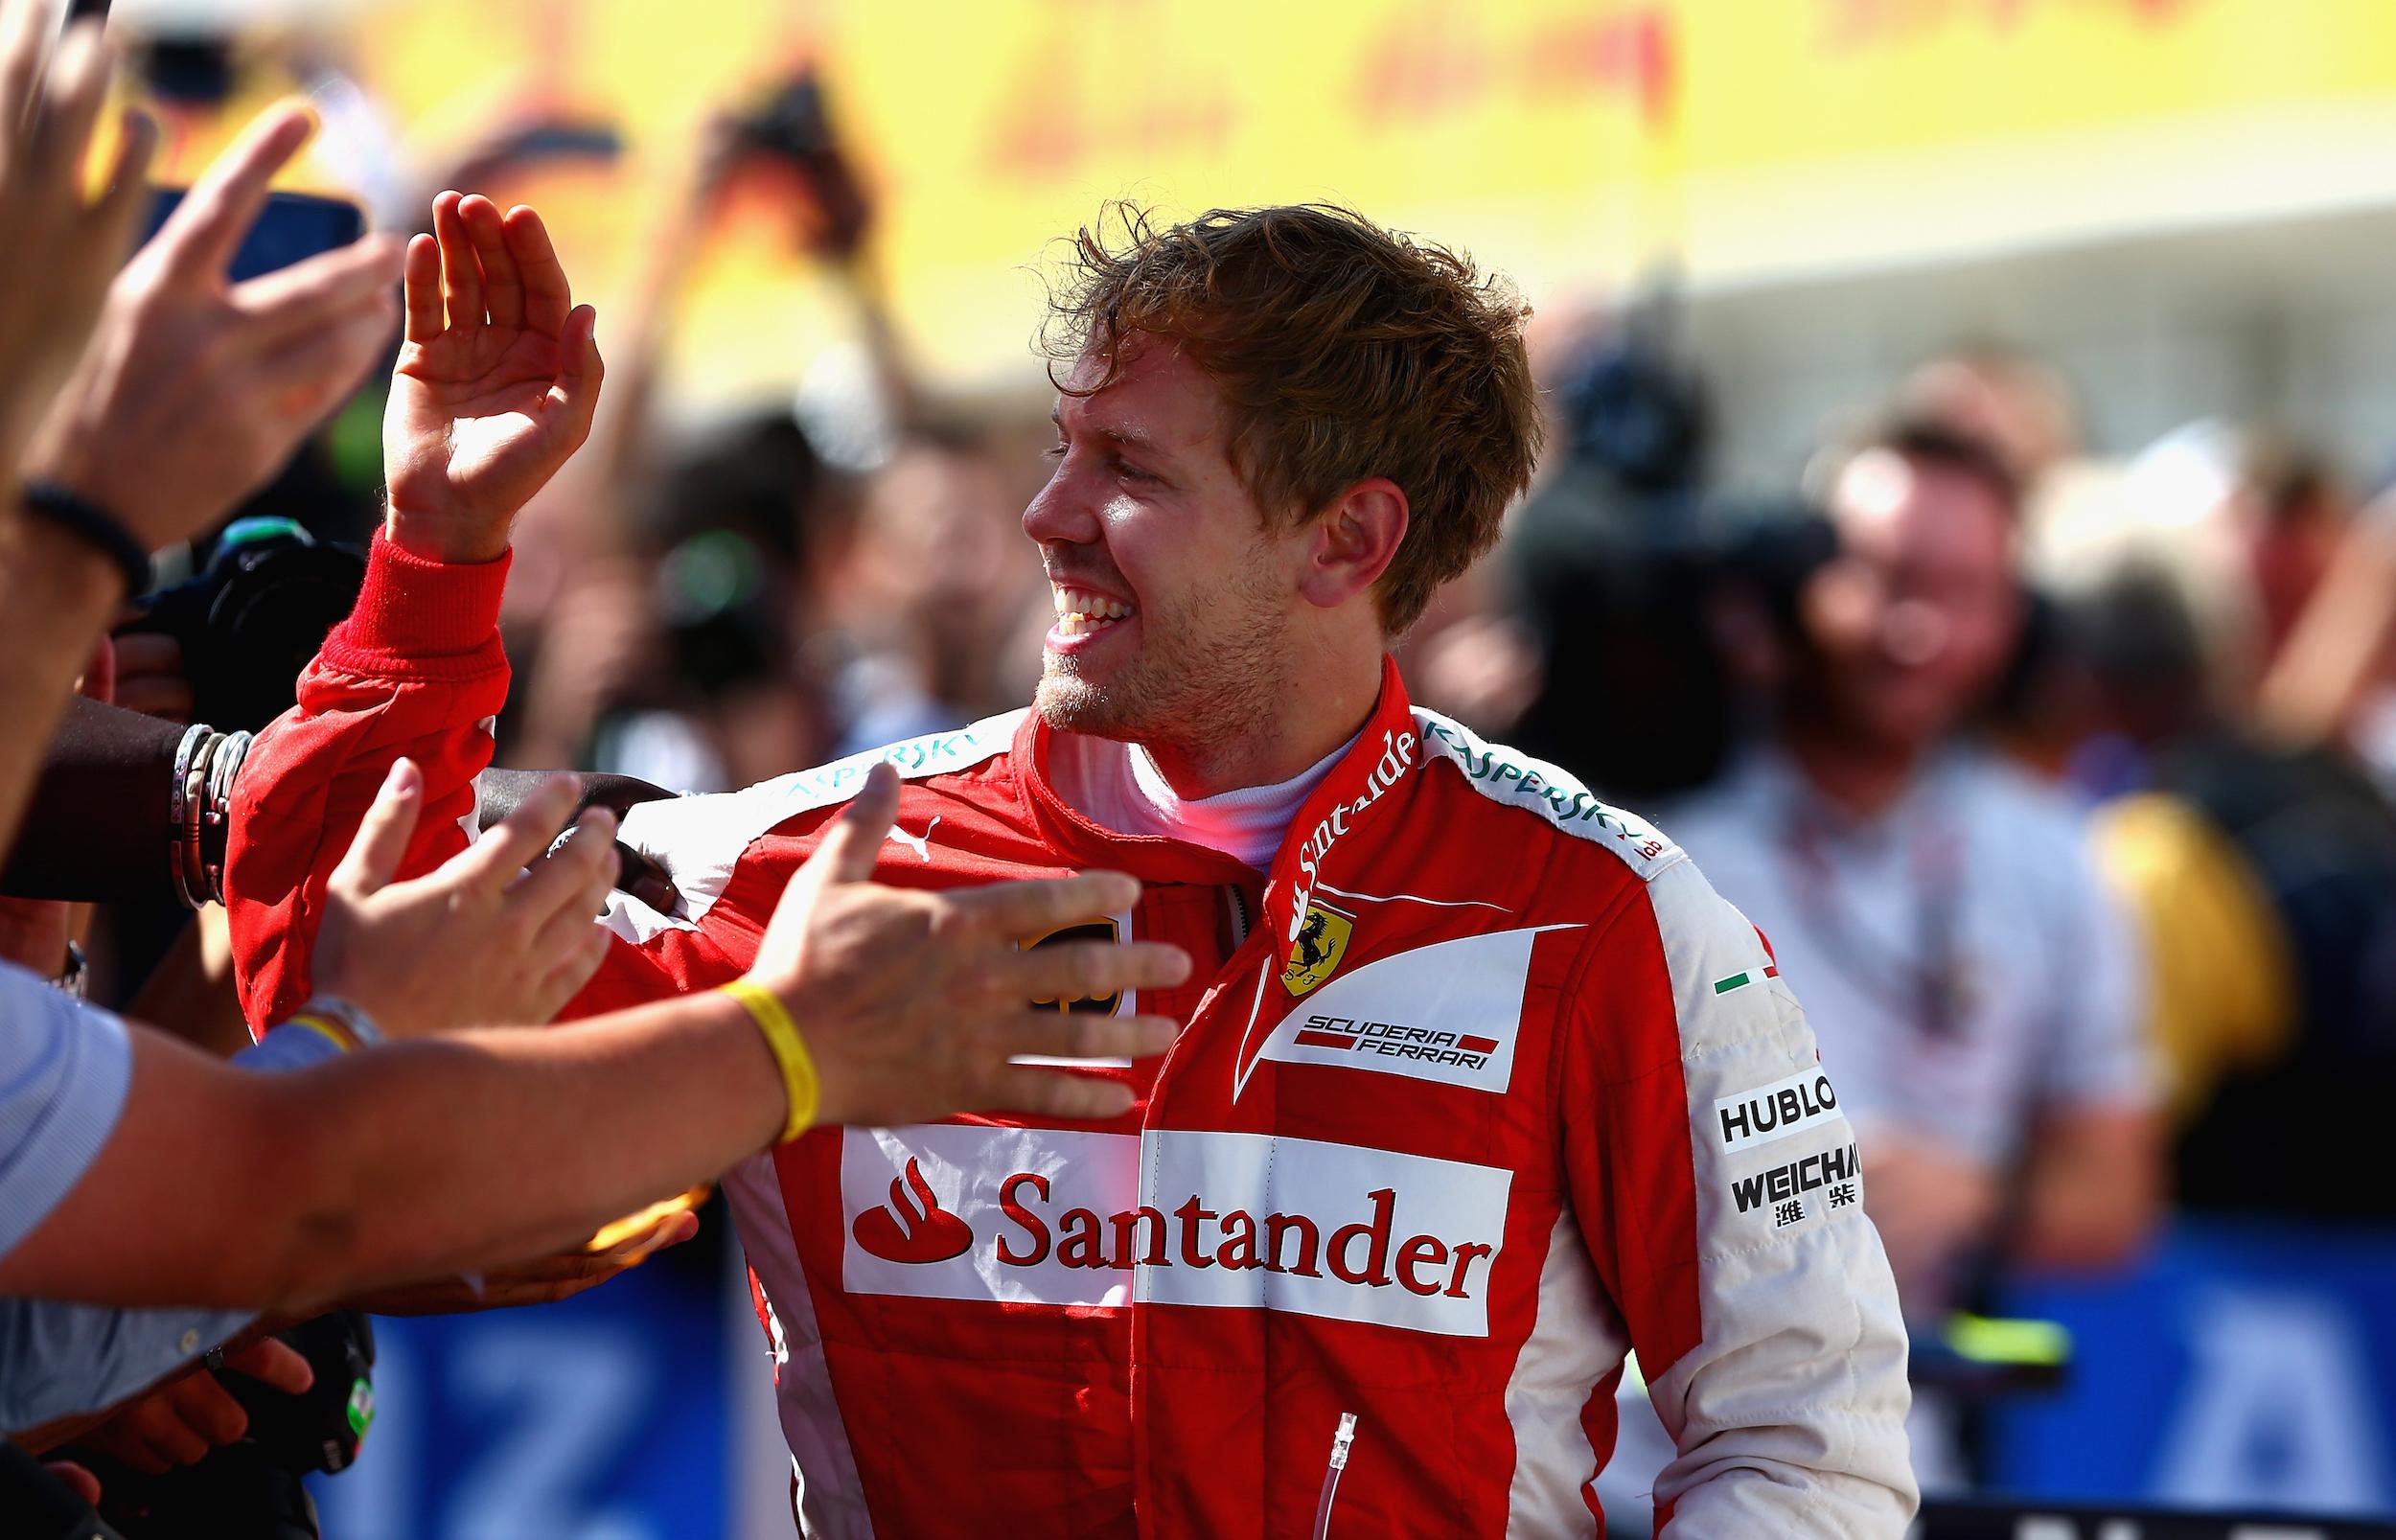 Sebastian Vettel, pilota di punta della Ferrari